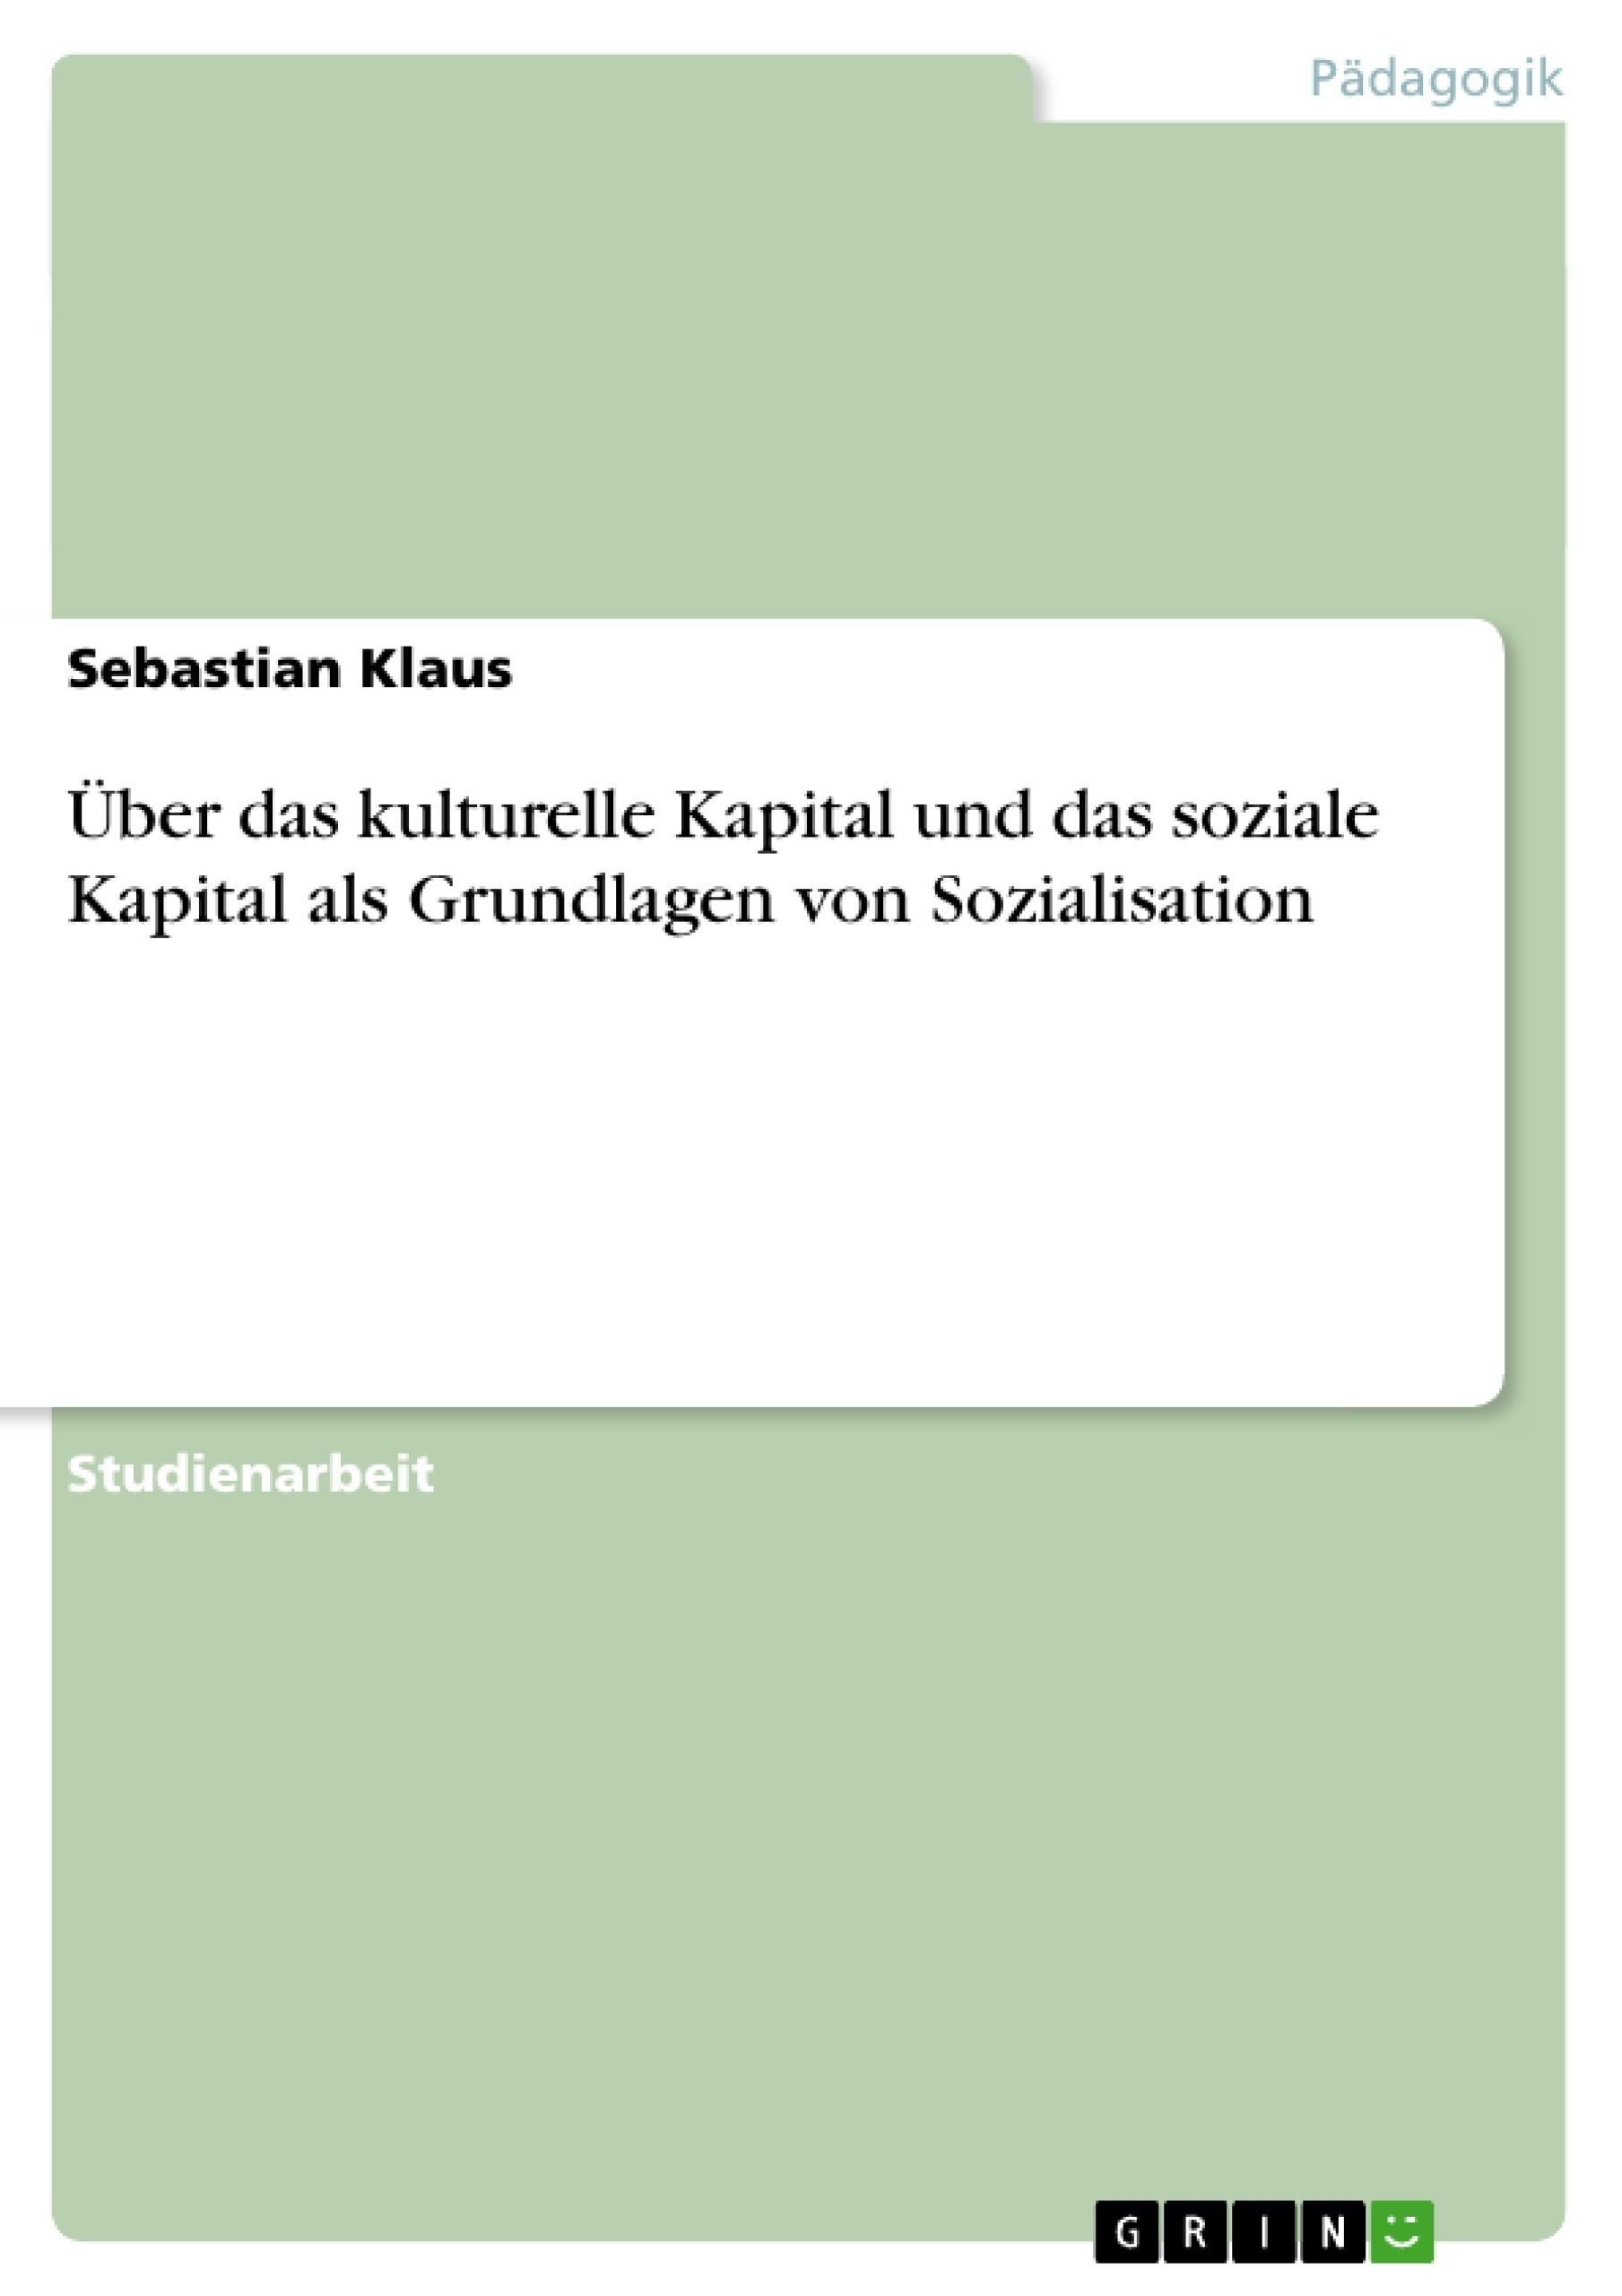 Titel: Über das kulturelle Kapital und das soziale Kapital als Grundlagen von Sozialisation